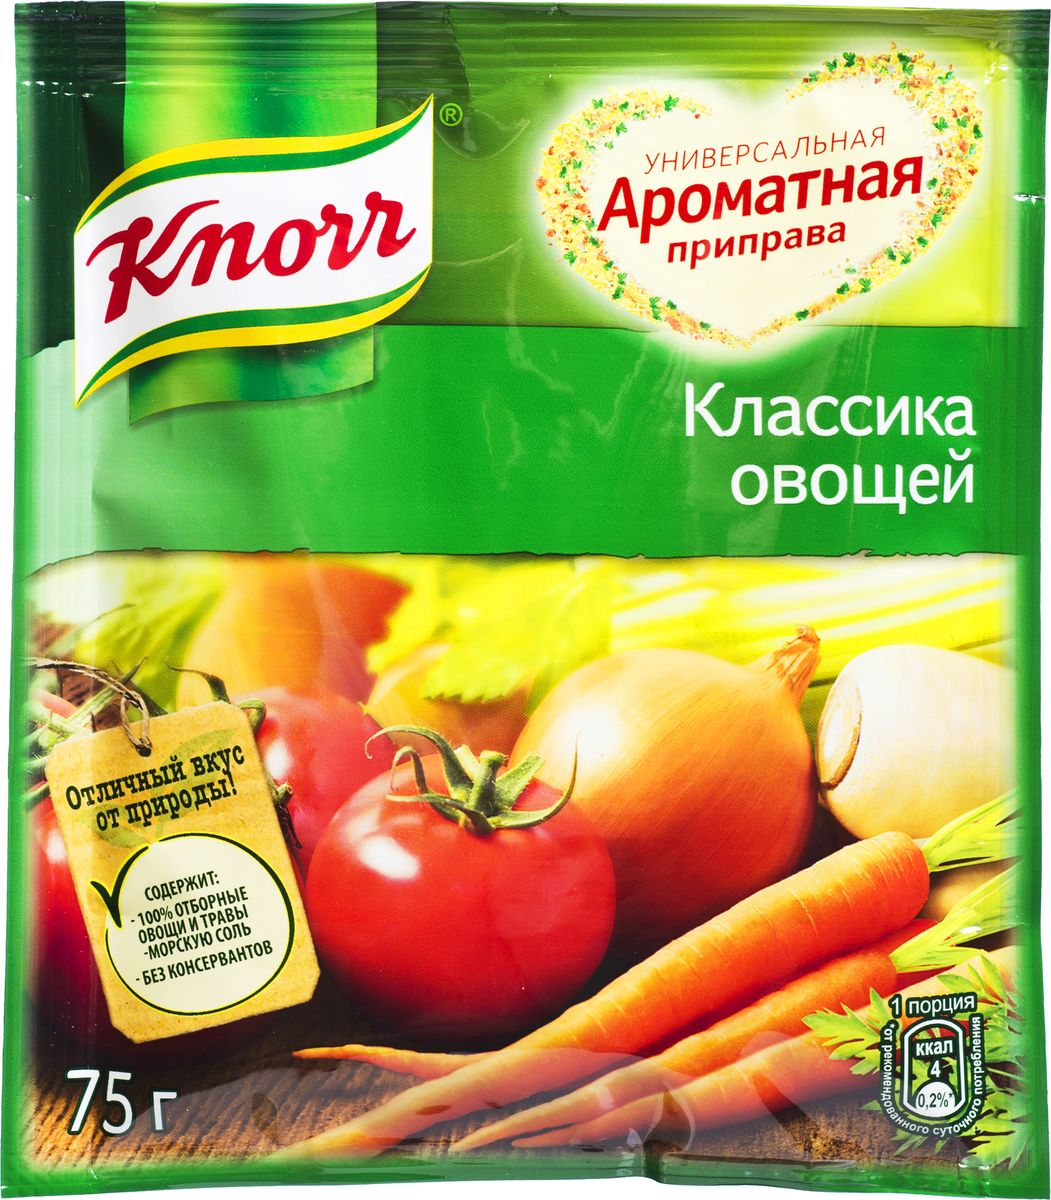 Knorr Универсальная ароматная приправа Классика овощей, 75 г20243852Универсальная приправа Knorr Классика овощей - это сухая смесь, которая поможет быстро и вкусно приготовить сытное блюдо. В состав смеси входят натуральные сушеные овощи, травы и специи, специально подобранные в определенном соотношении, чтобы наиболее ярко оттенить вкус блюда. Достаточно добавить одну порцию приправы во время приготовления второго блюда или супа, и смесь придаст вашей пище аппетитный аромат. Удобная герметичная упаковка не пропускает посторонних запахов и великолепно сохраняет все свойства смеси.Уважаемые клиенты! Обращаем ваше внимание, что полный перечень состава продукта представлен на дополнительном изображении.